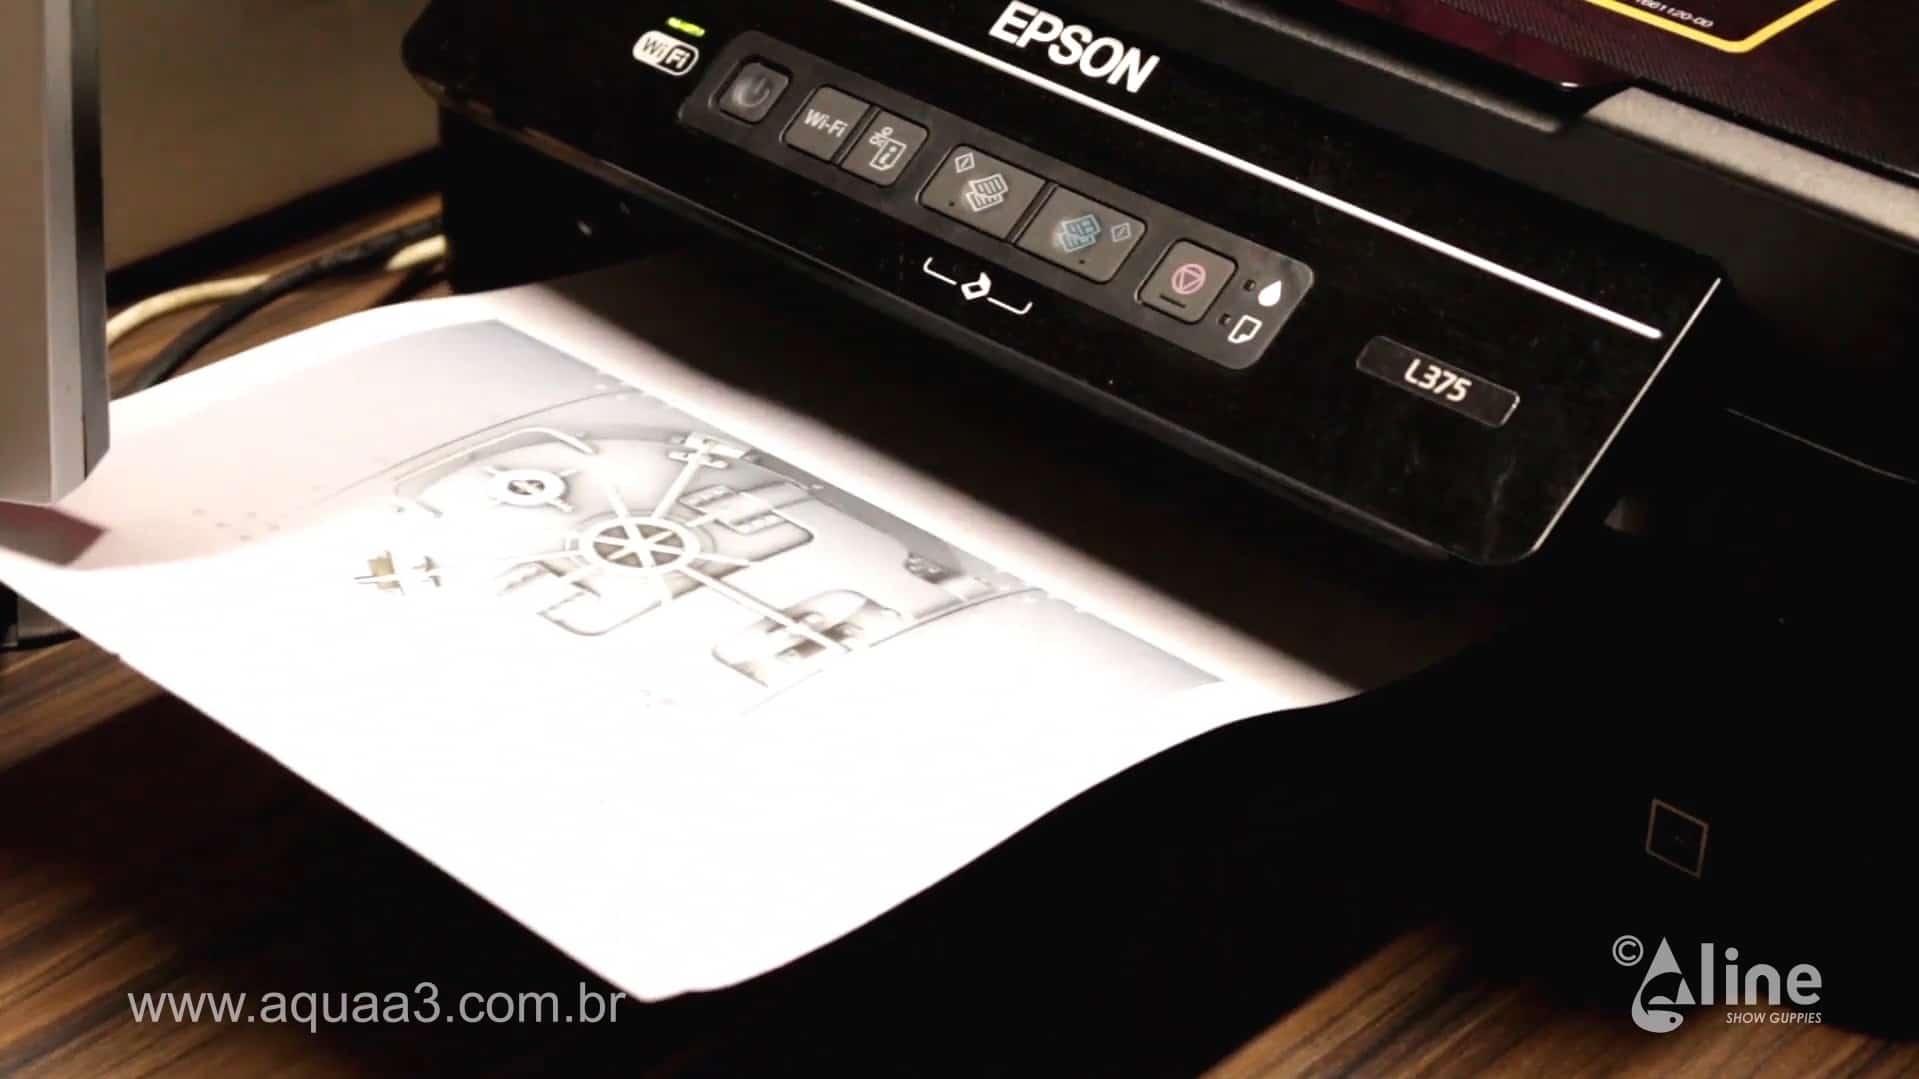 Basta imprimir a imagem utilizando o papel adesivo